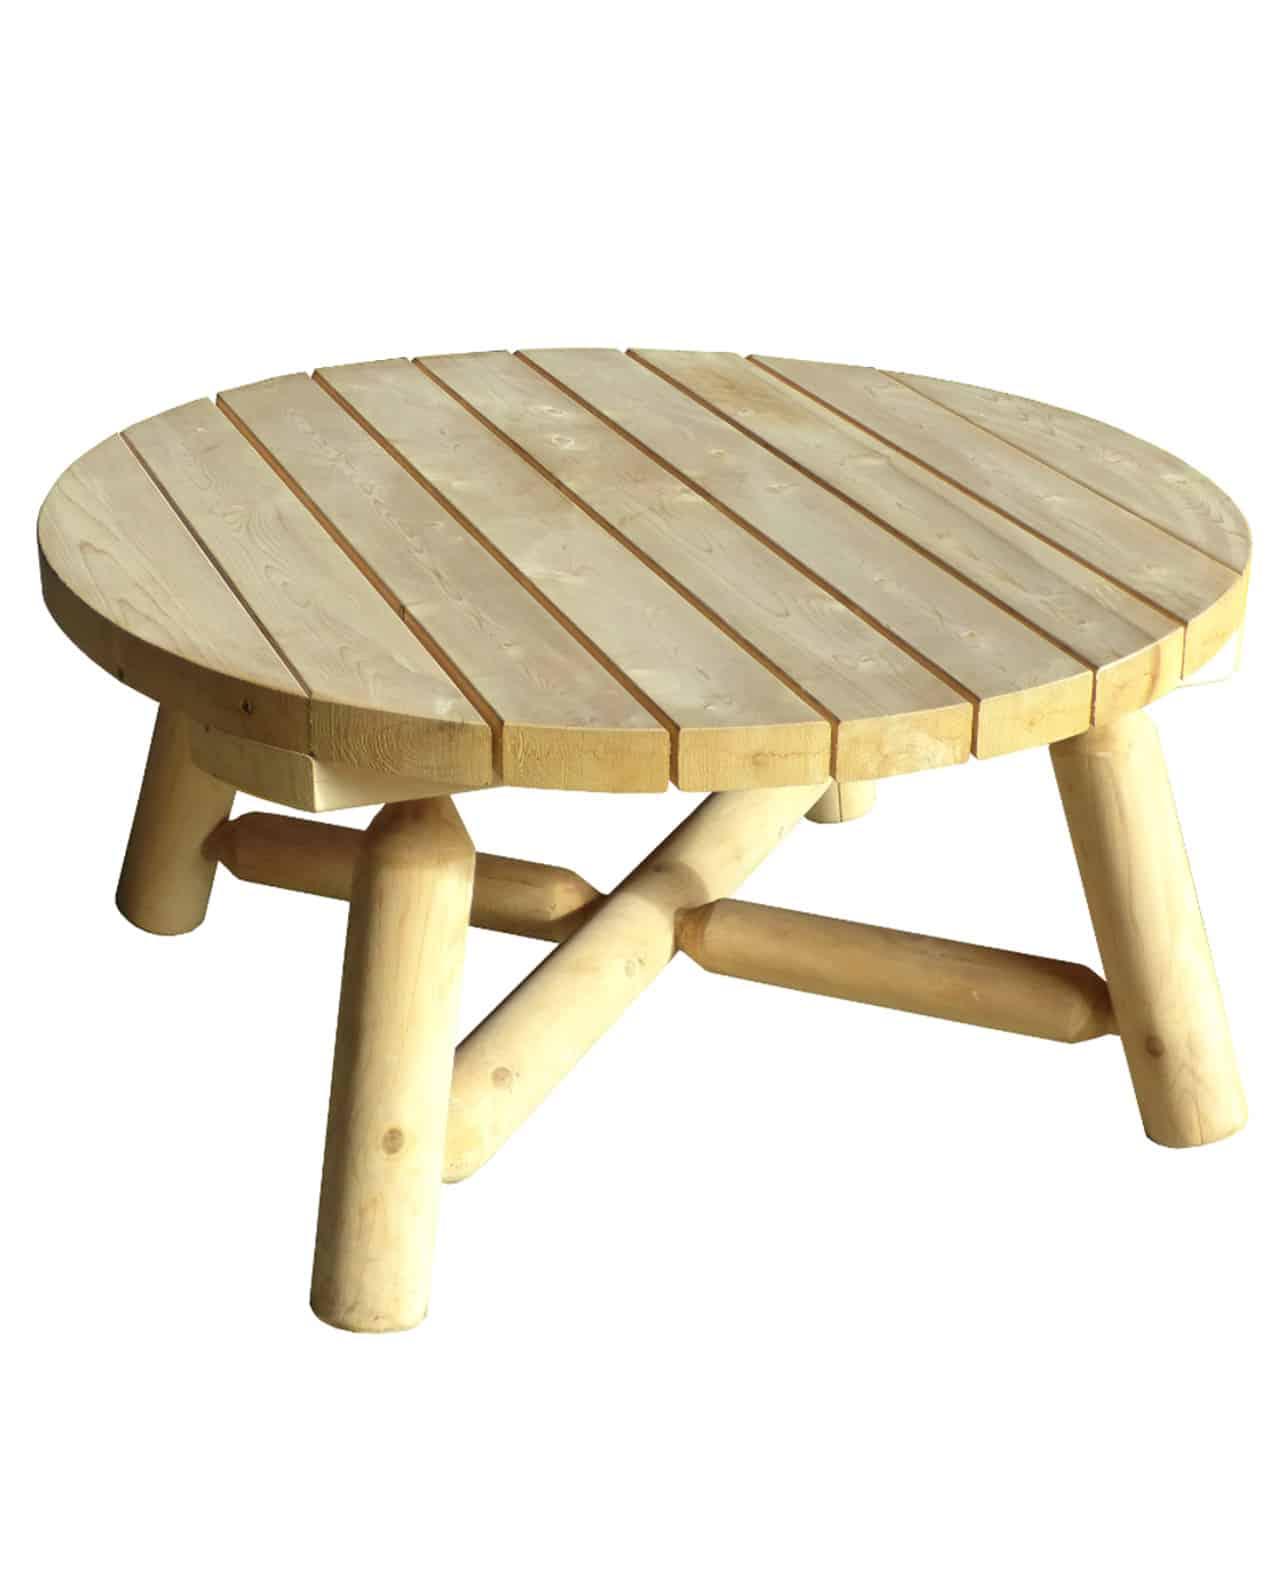 Table Basse de Jardin en bois de cèdre blanc - Grand Modèle